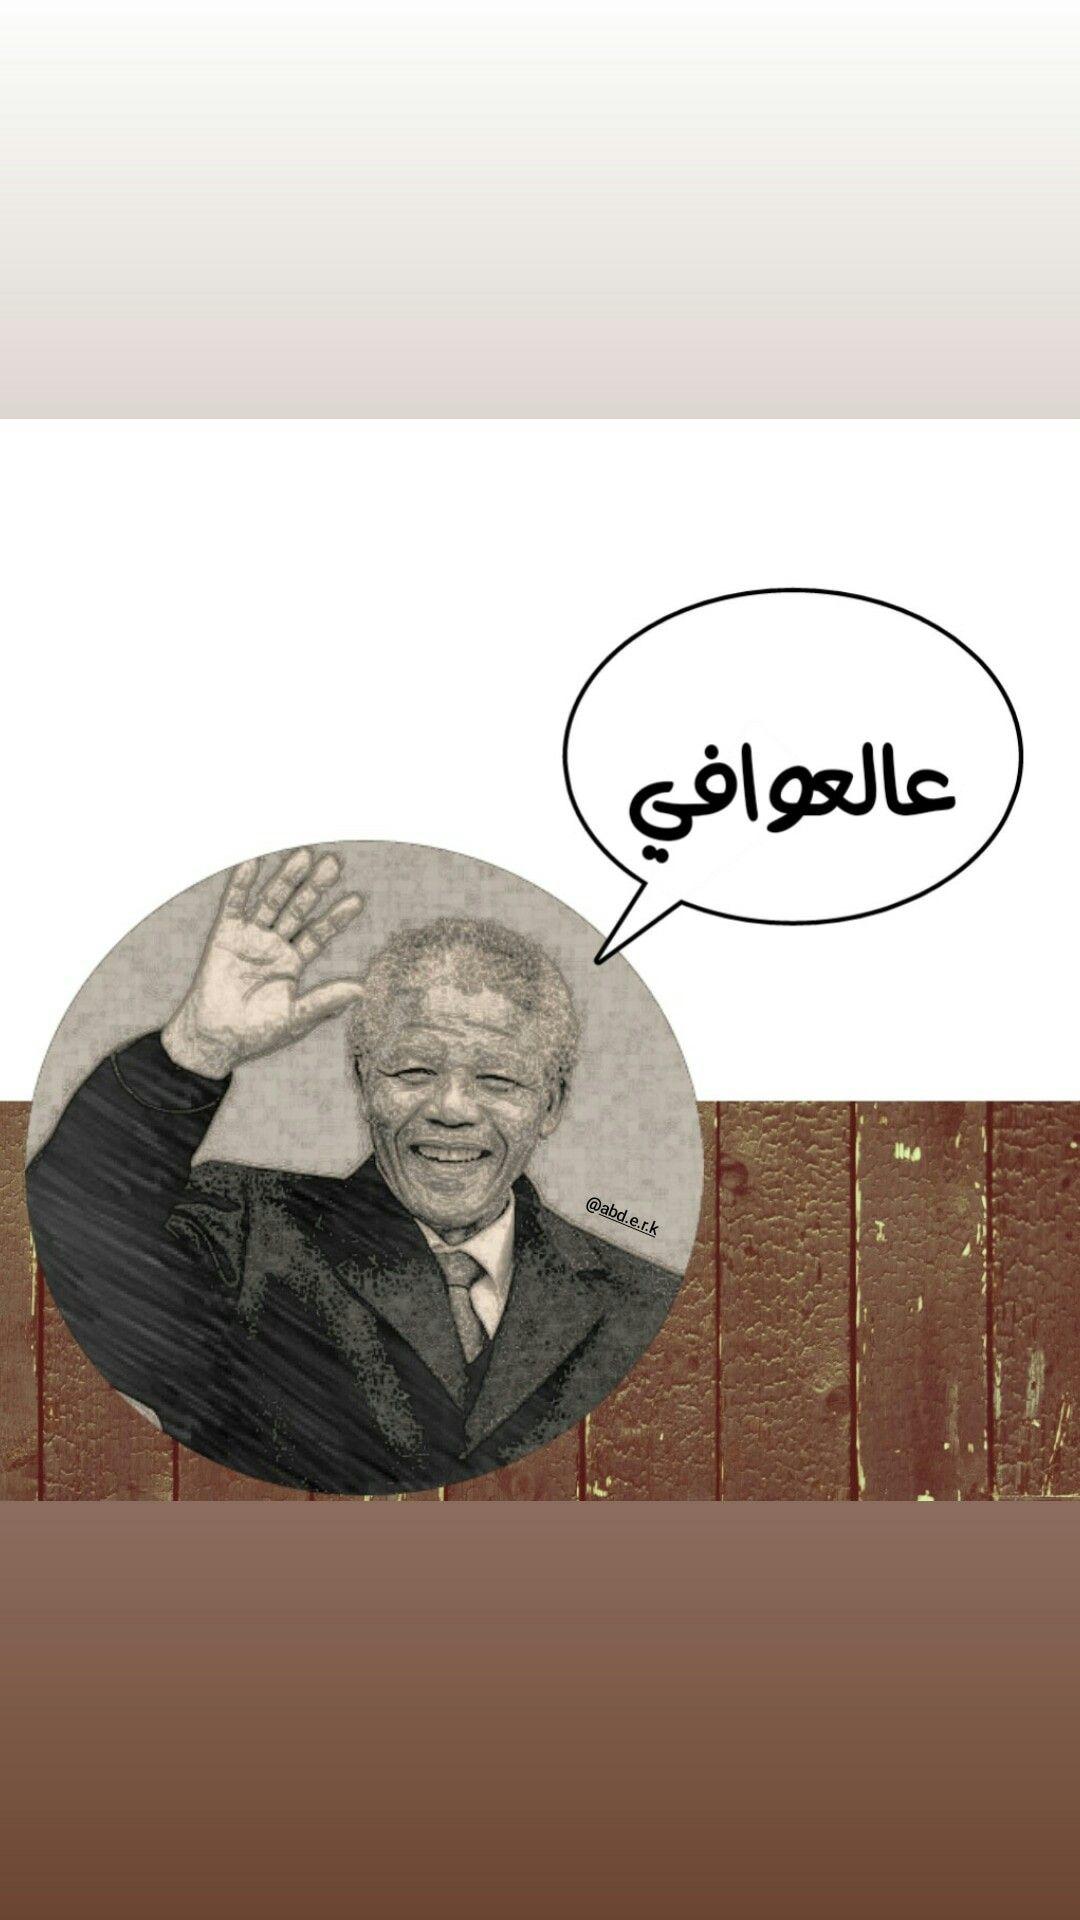 تصميم عالماشي الامتحانات بتعمل اكتر من هيك حبيبي مانديلا الله يعافيك Art Poster Movie Posters